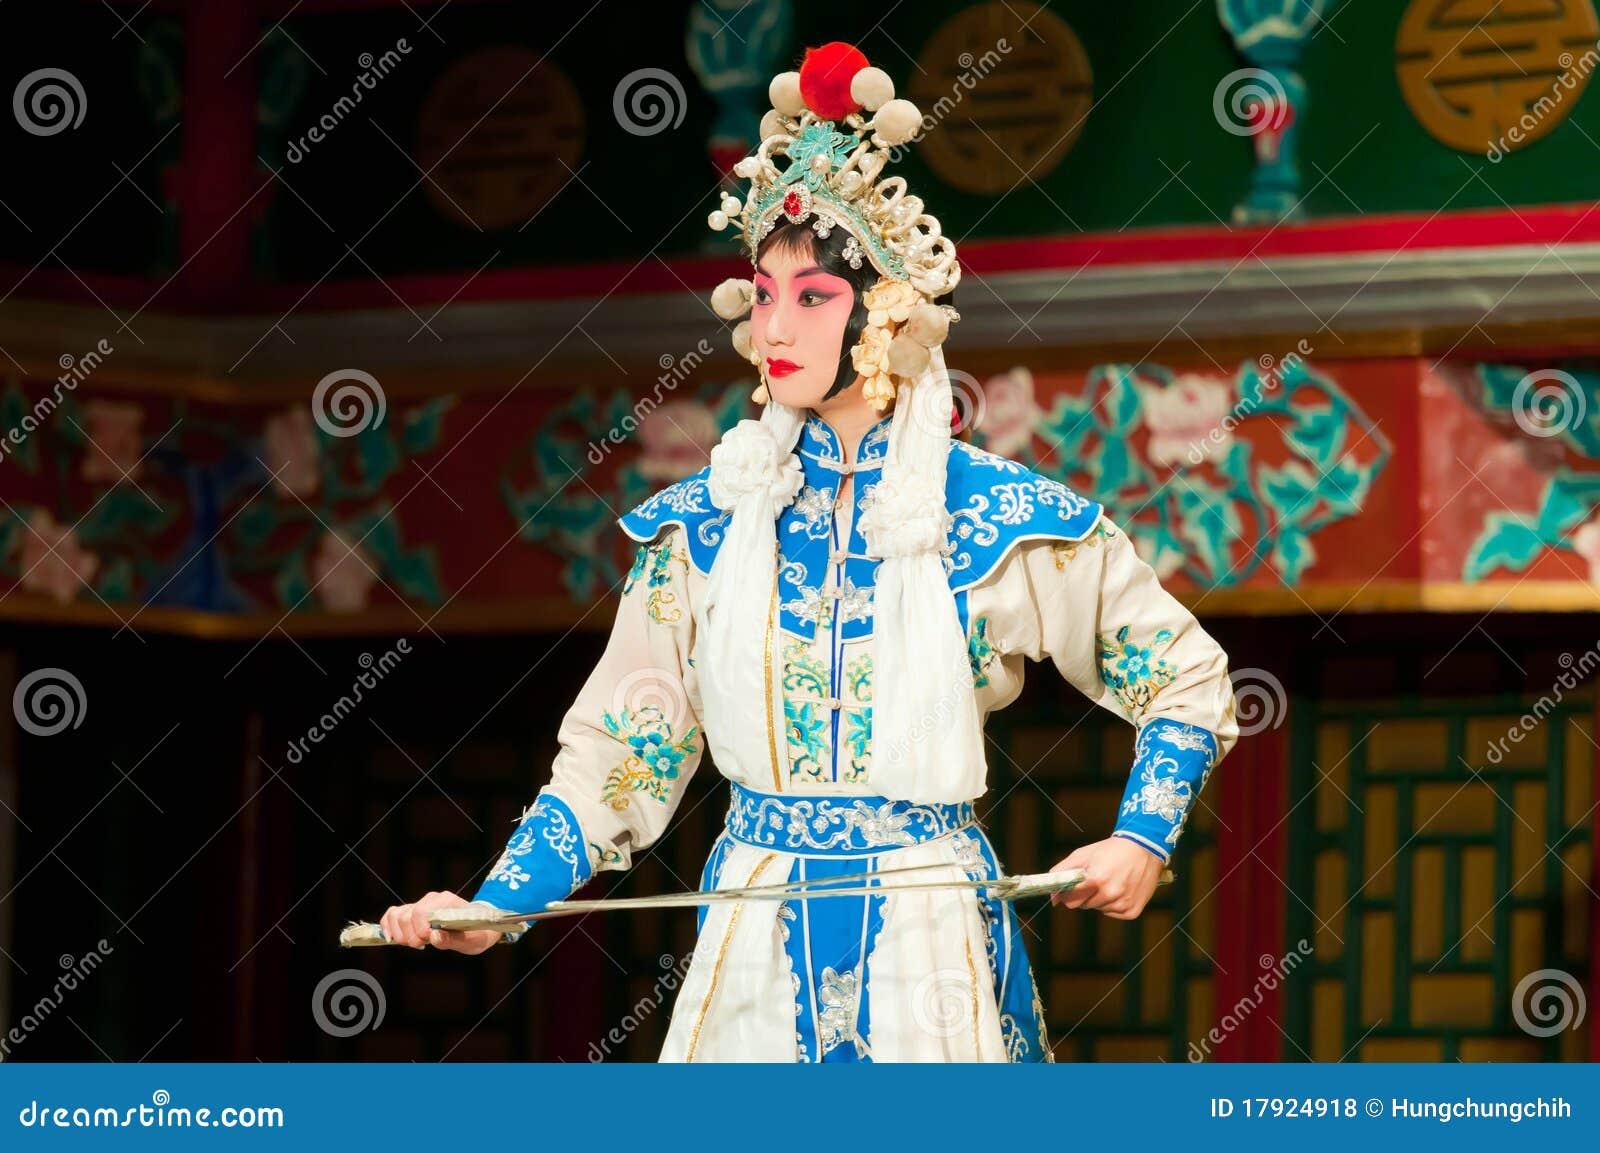 京剧马戏团的女演员